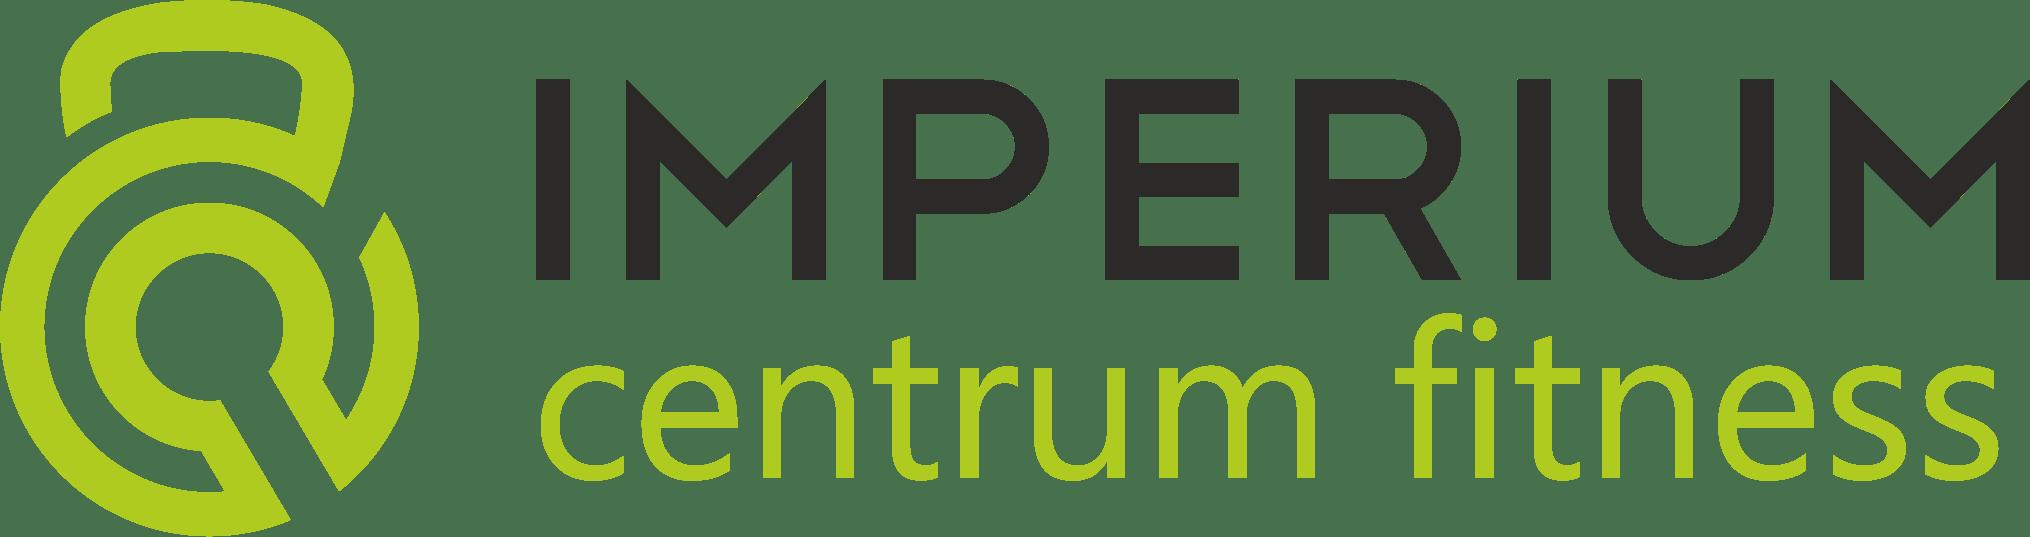 imperium-centrum-fitness